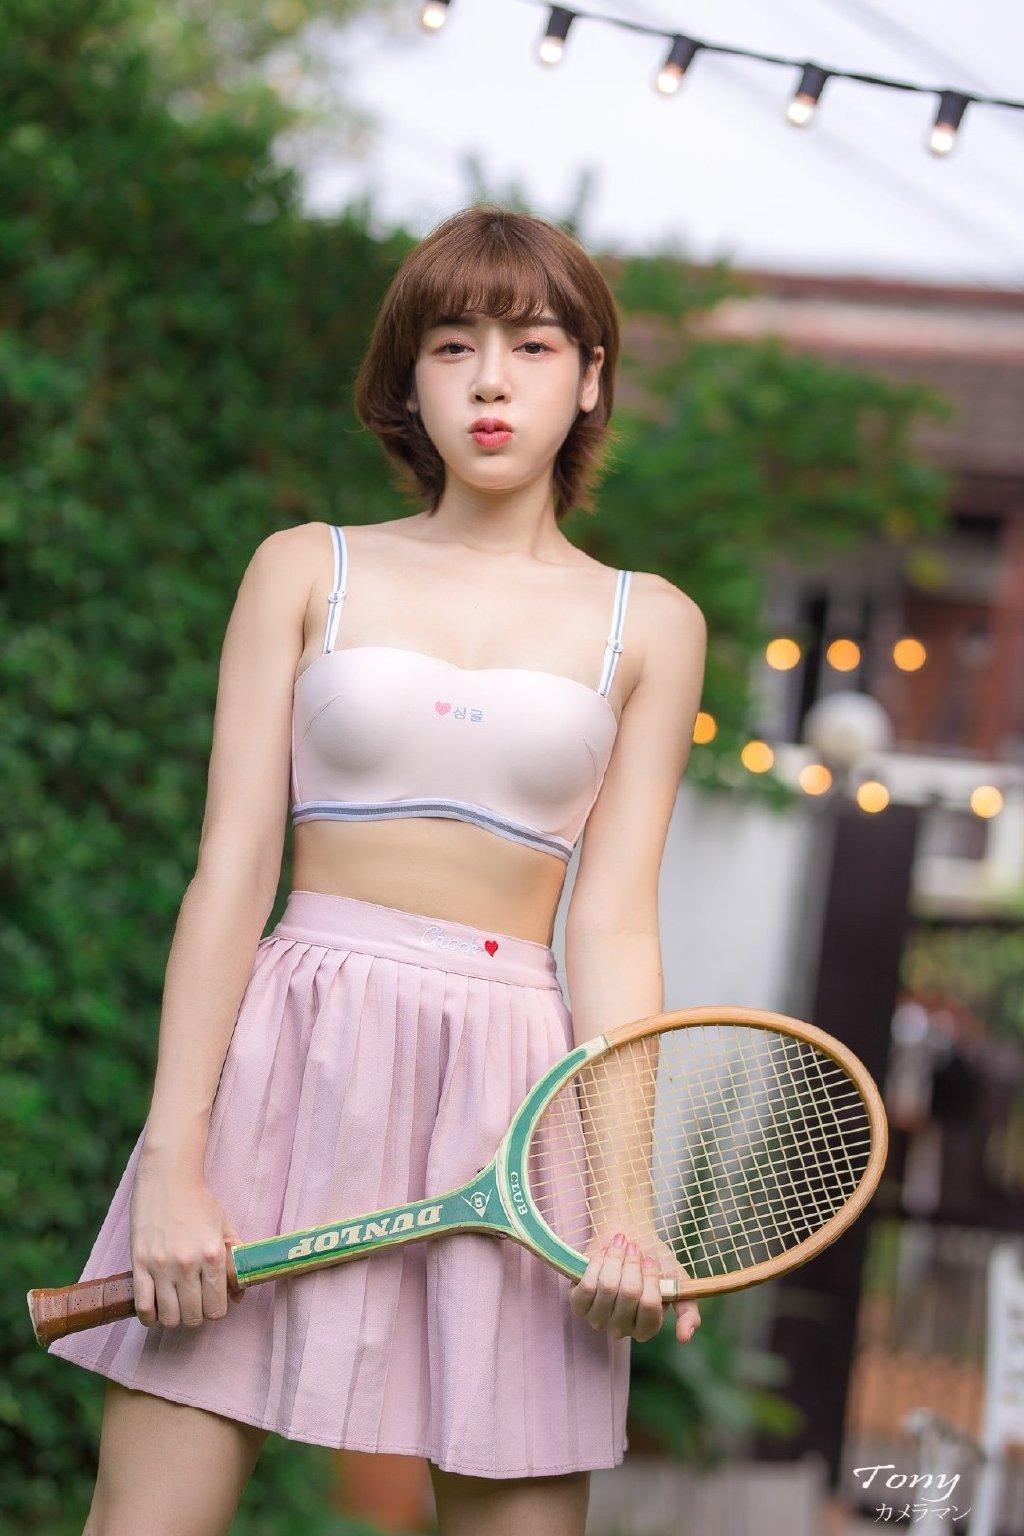 教练我想打网球